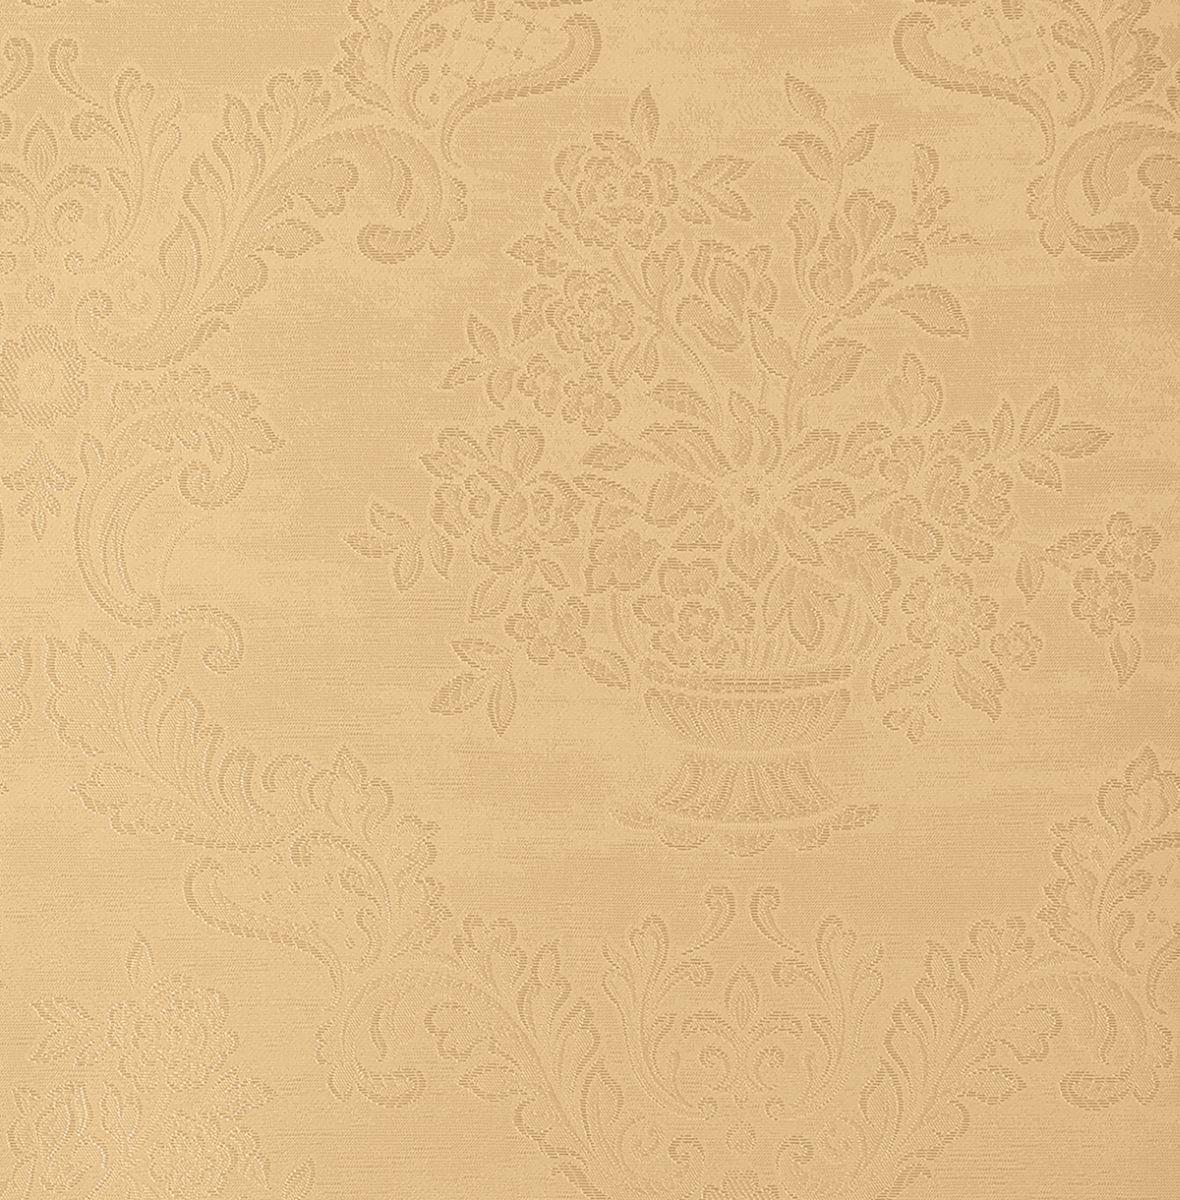 Hochwertige tapeten und stoffe stofftapete artemis creme - Artemis tapete ...